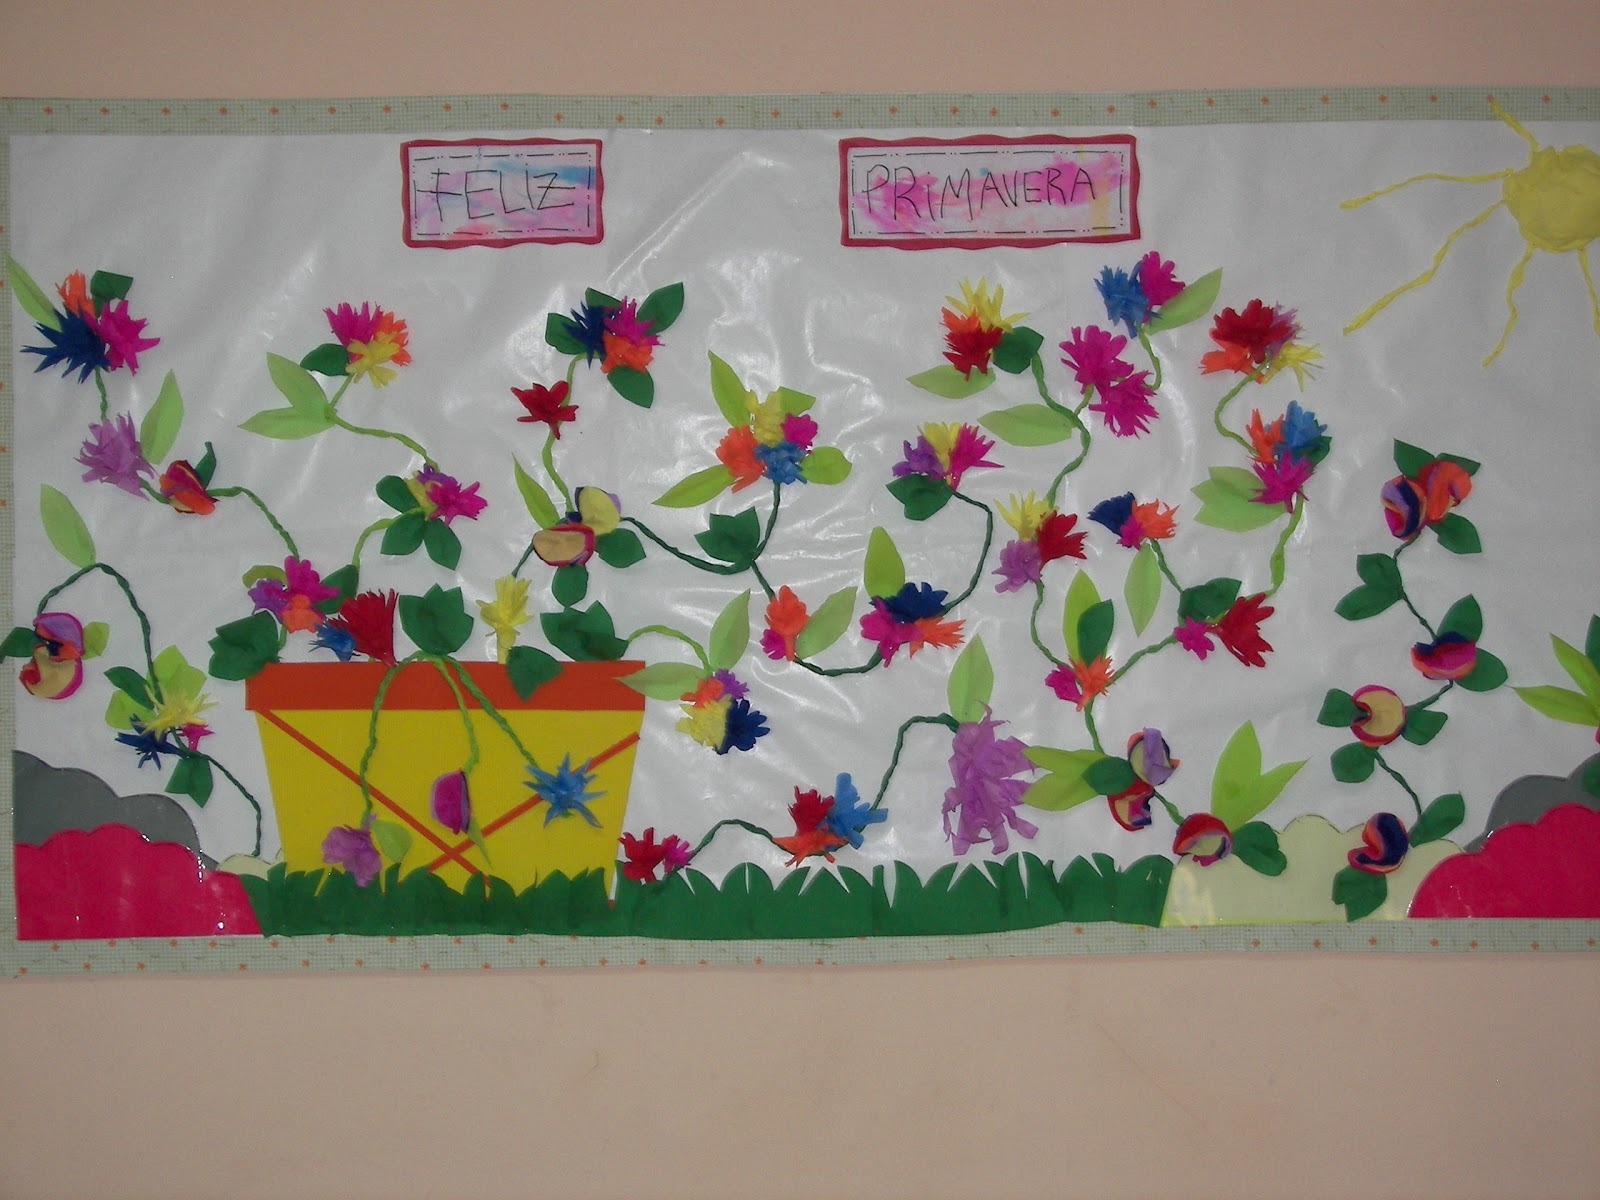 Decoraci n en el jard n de infantes friso de primavera for Decoracion jardin maternal